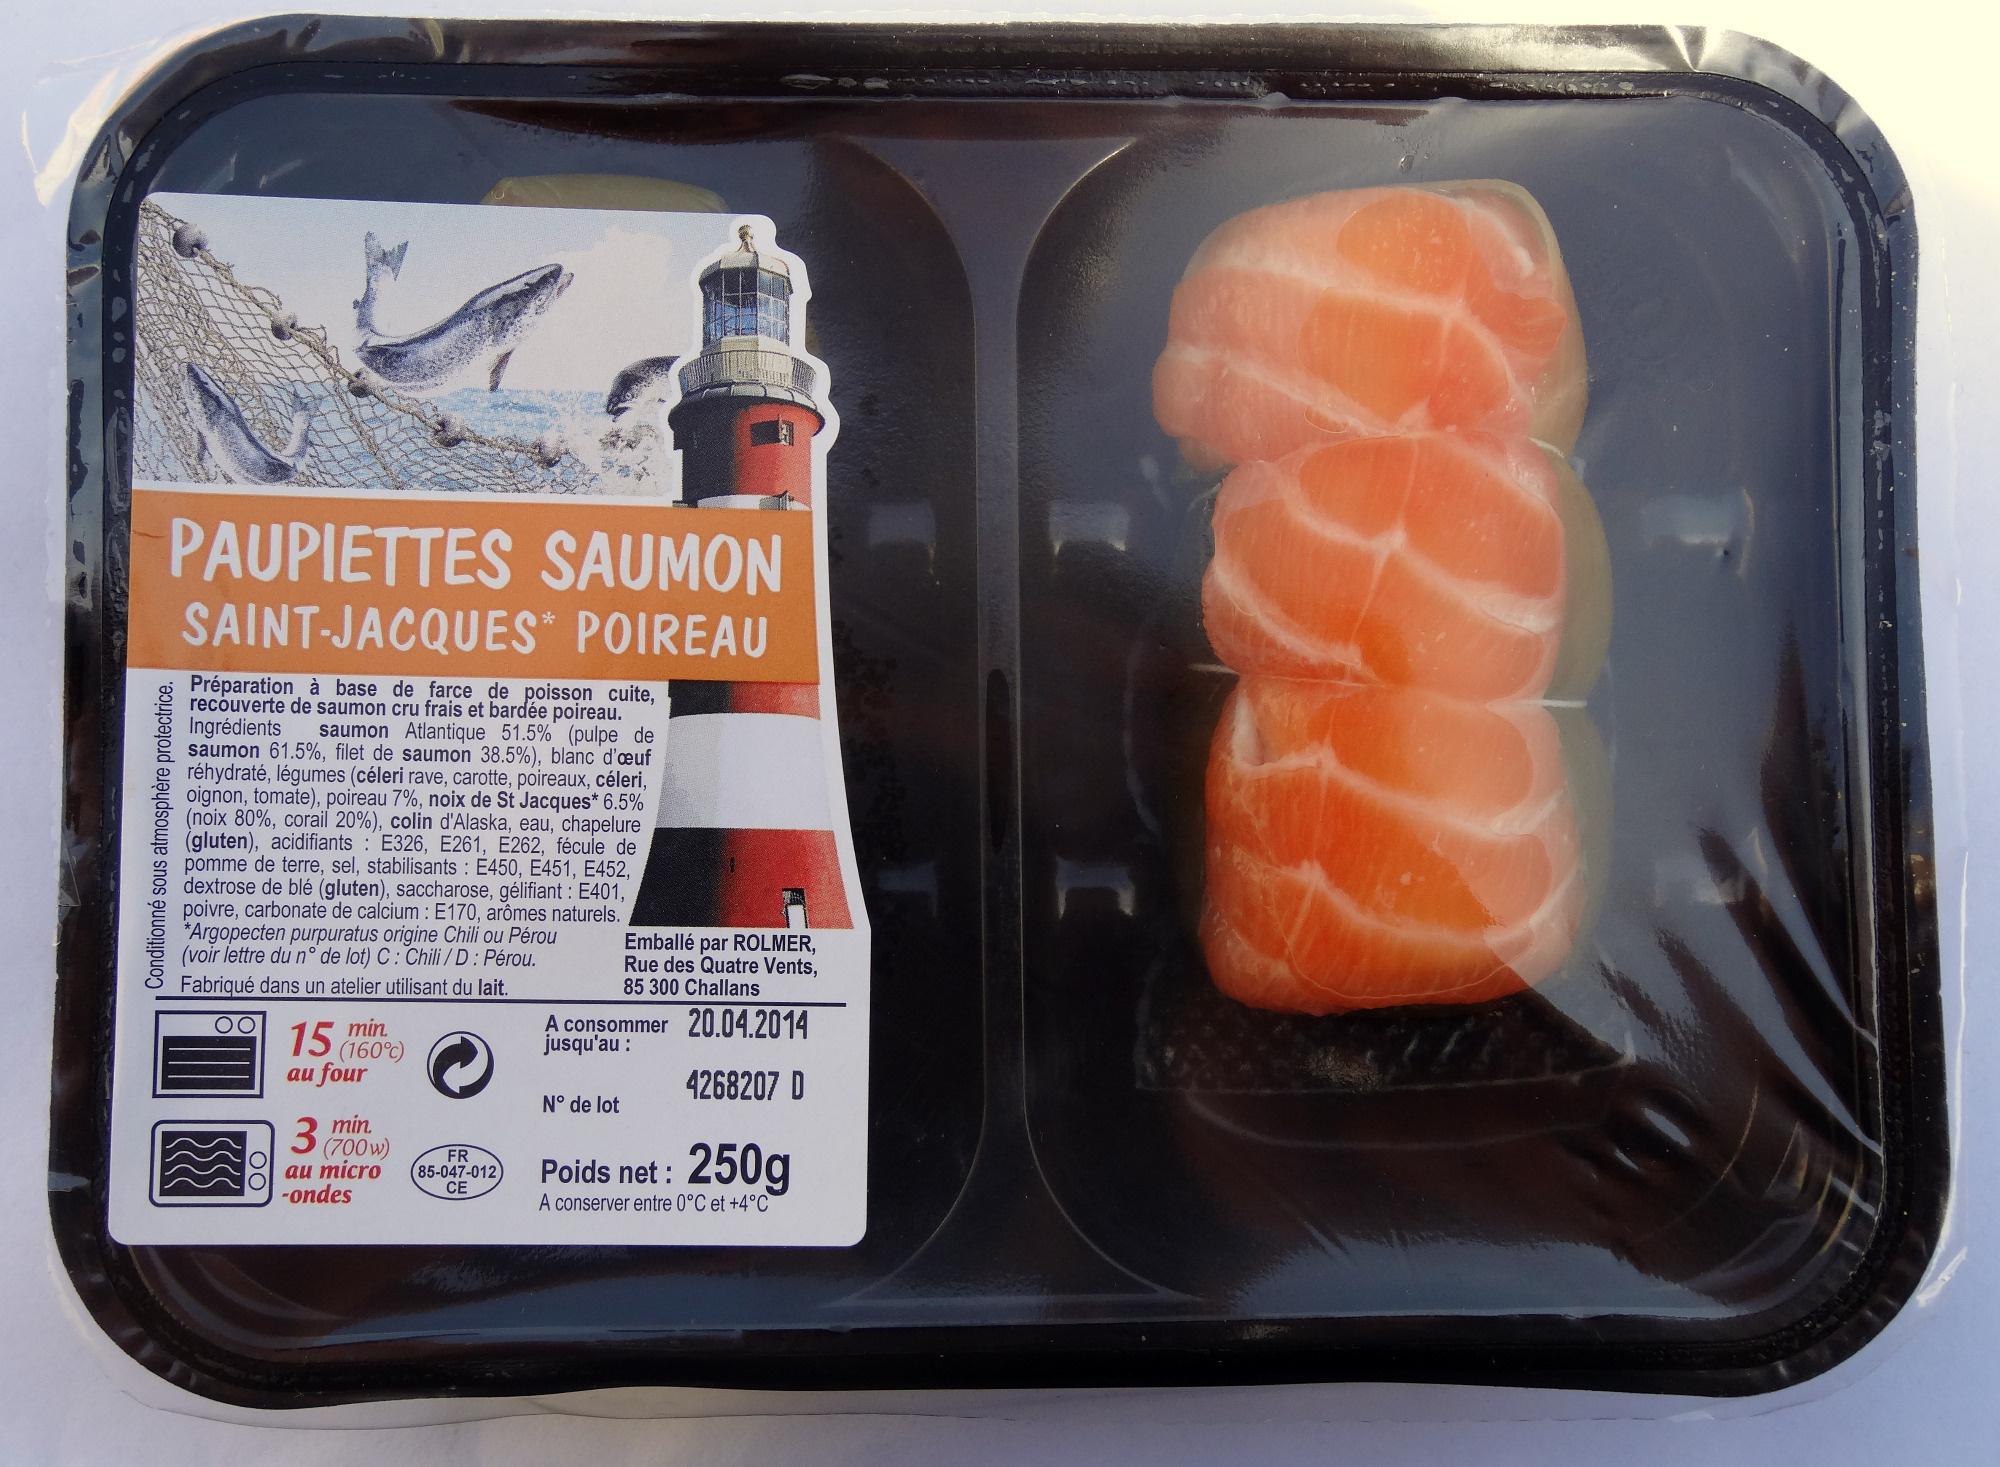 Paupiettes saumon-st jacques-poireau - Product - fr